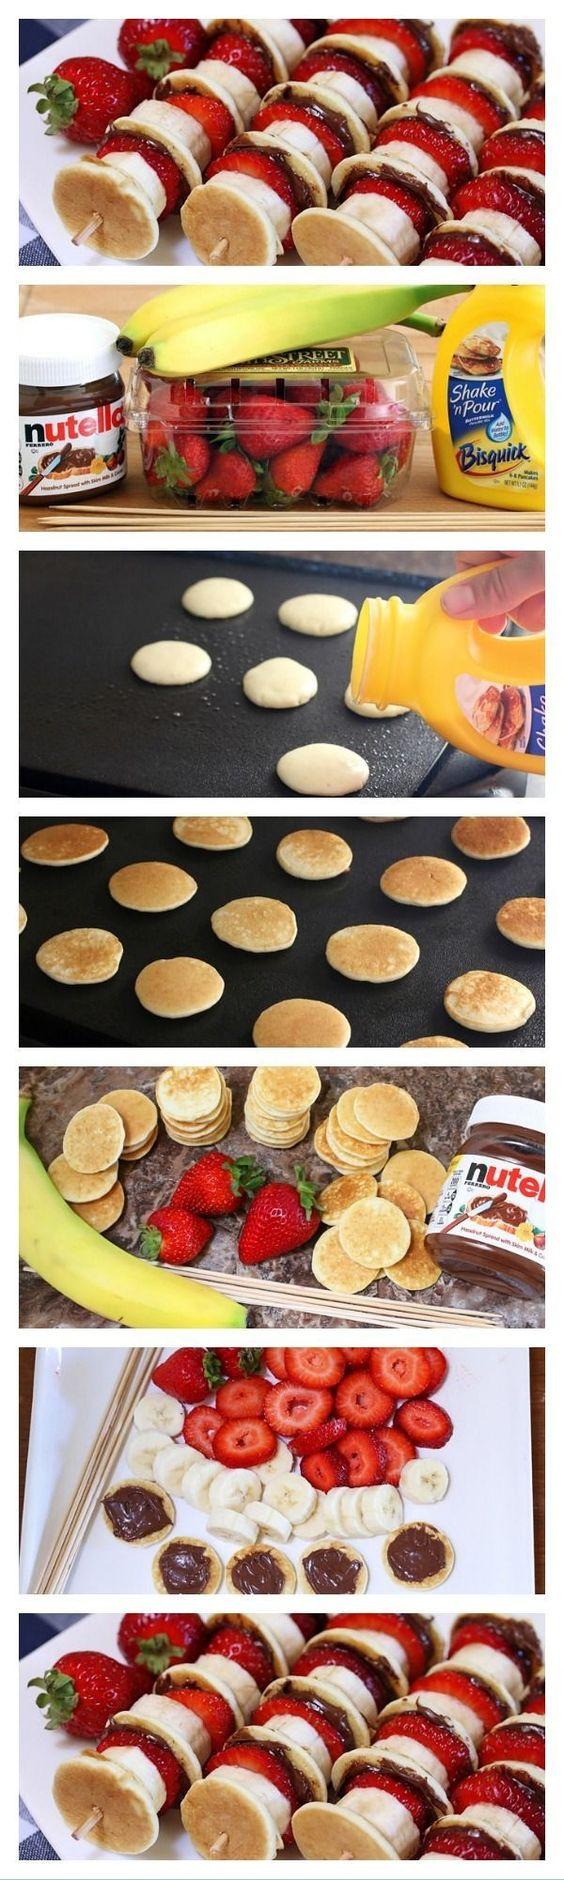 Pancake and fruit skewers